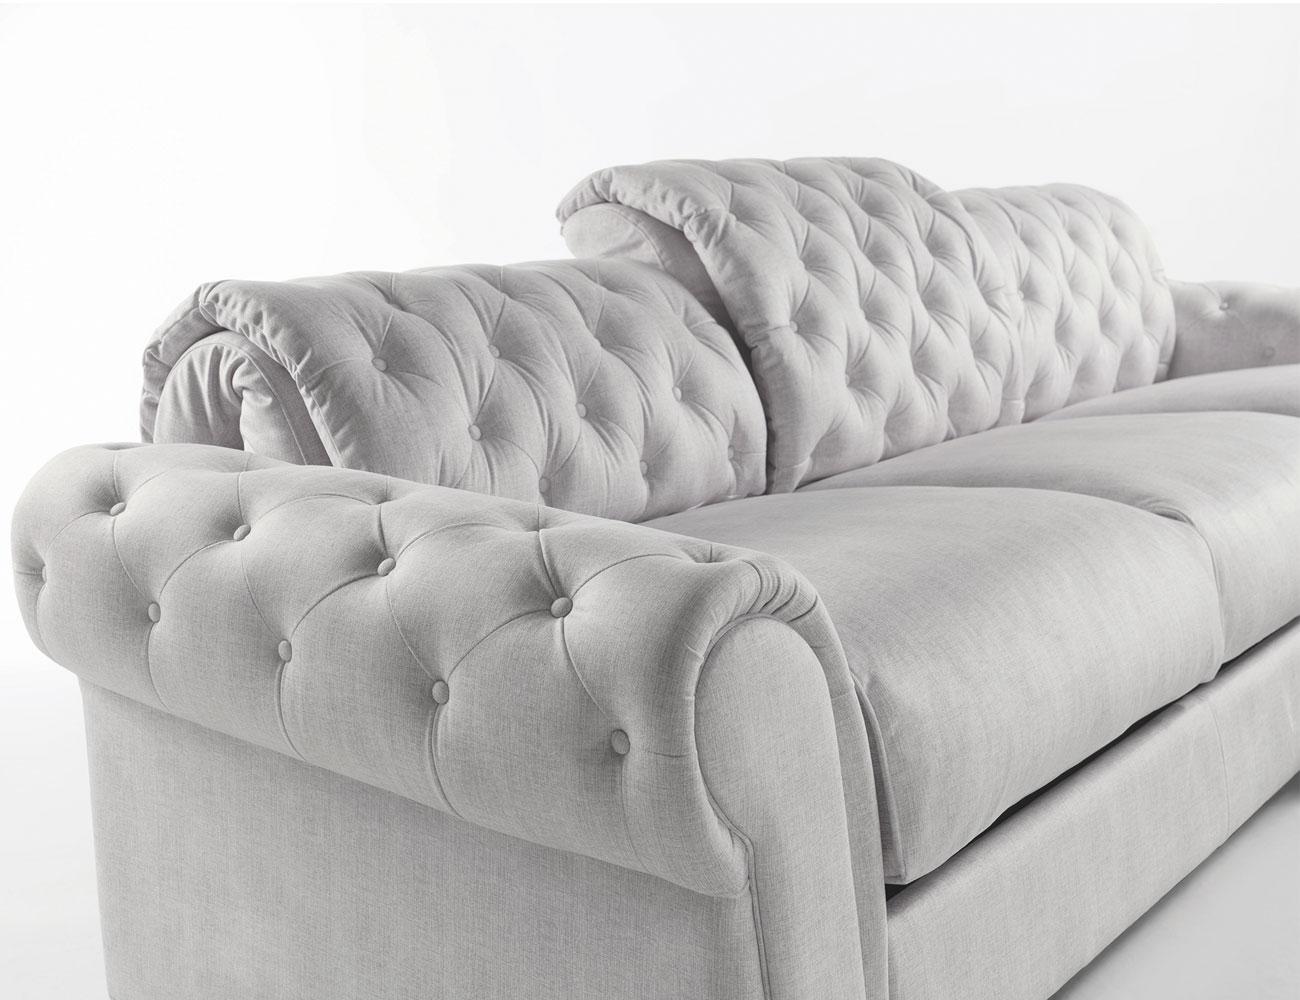 Sofa chaiselongue gran lujo decorativo capitone blanco tela 144